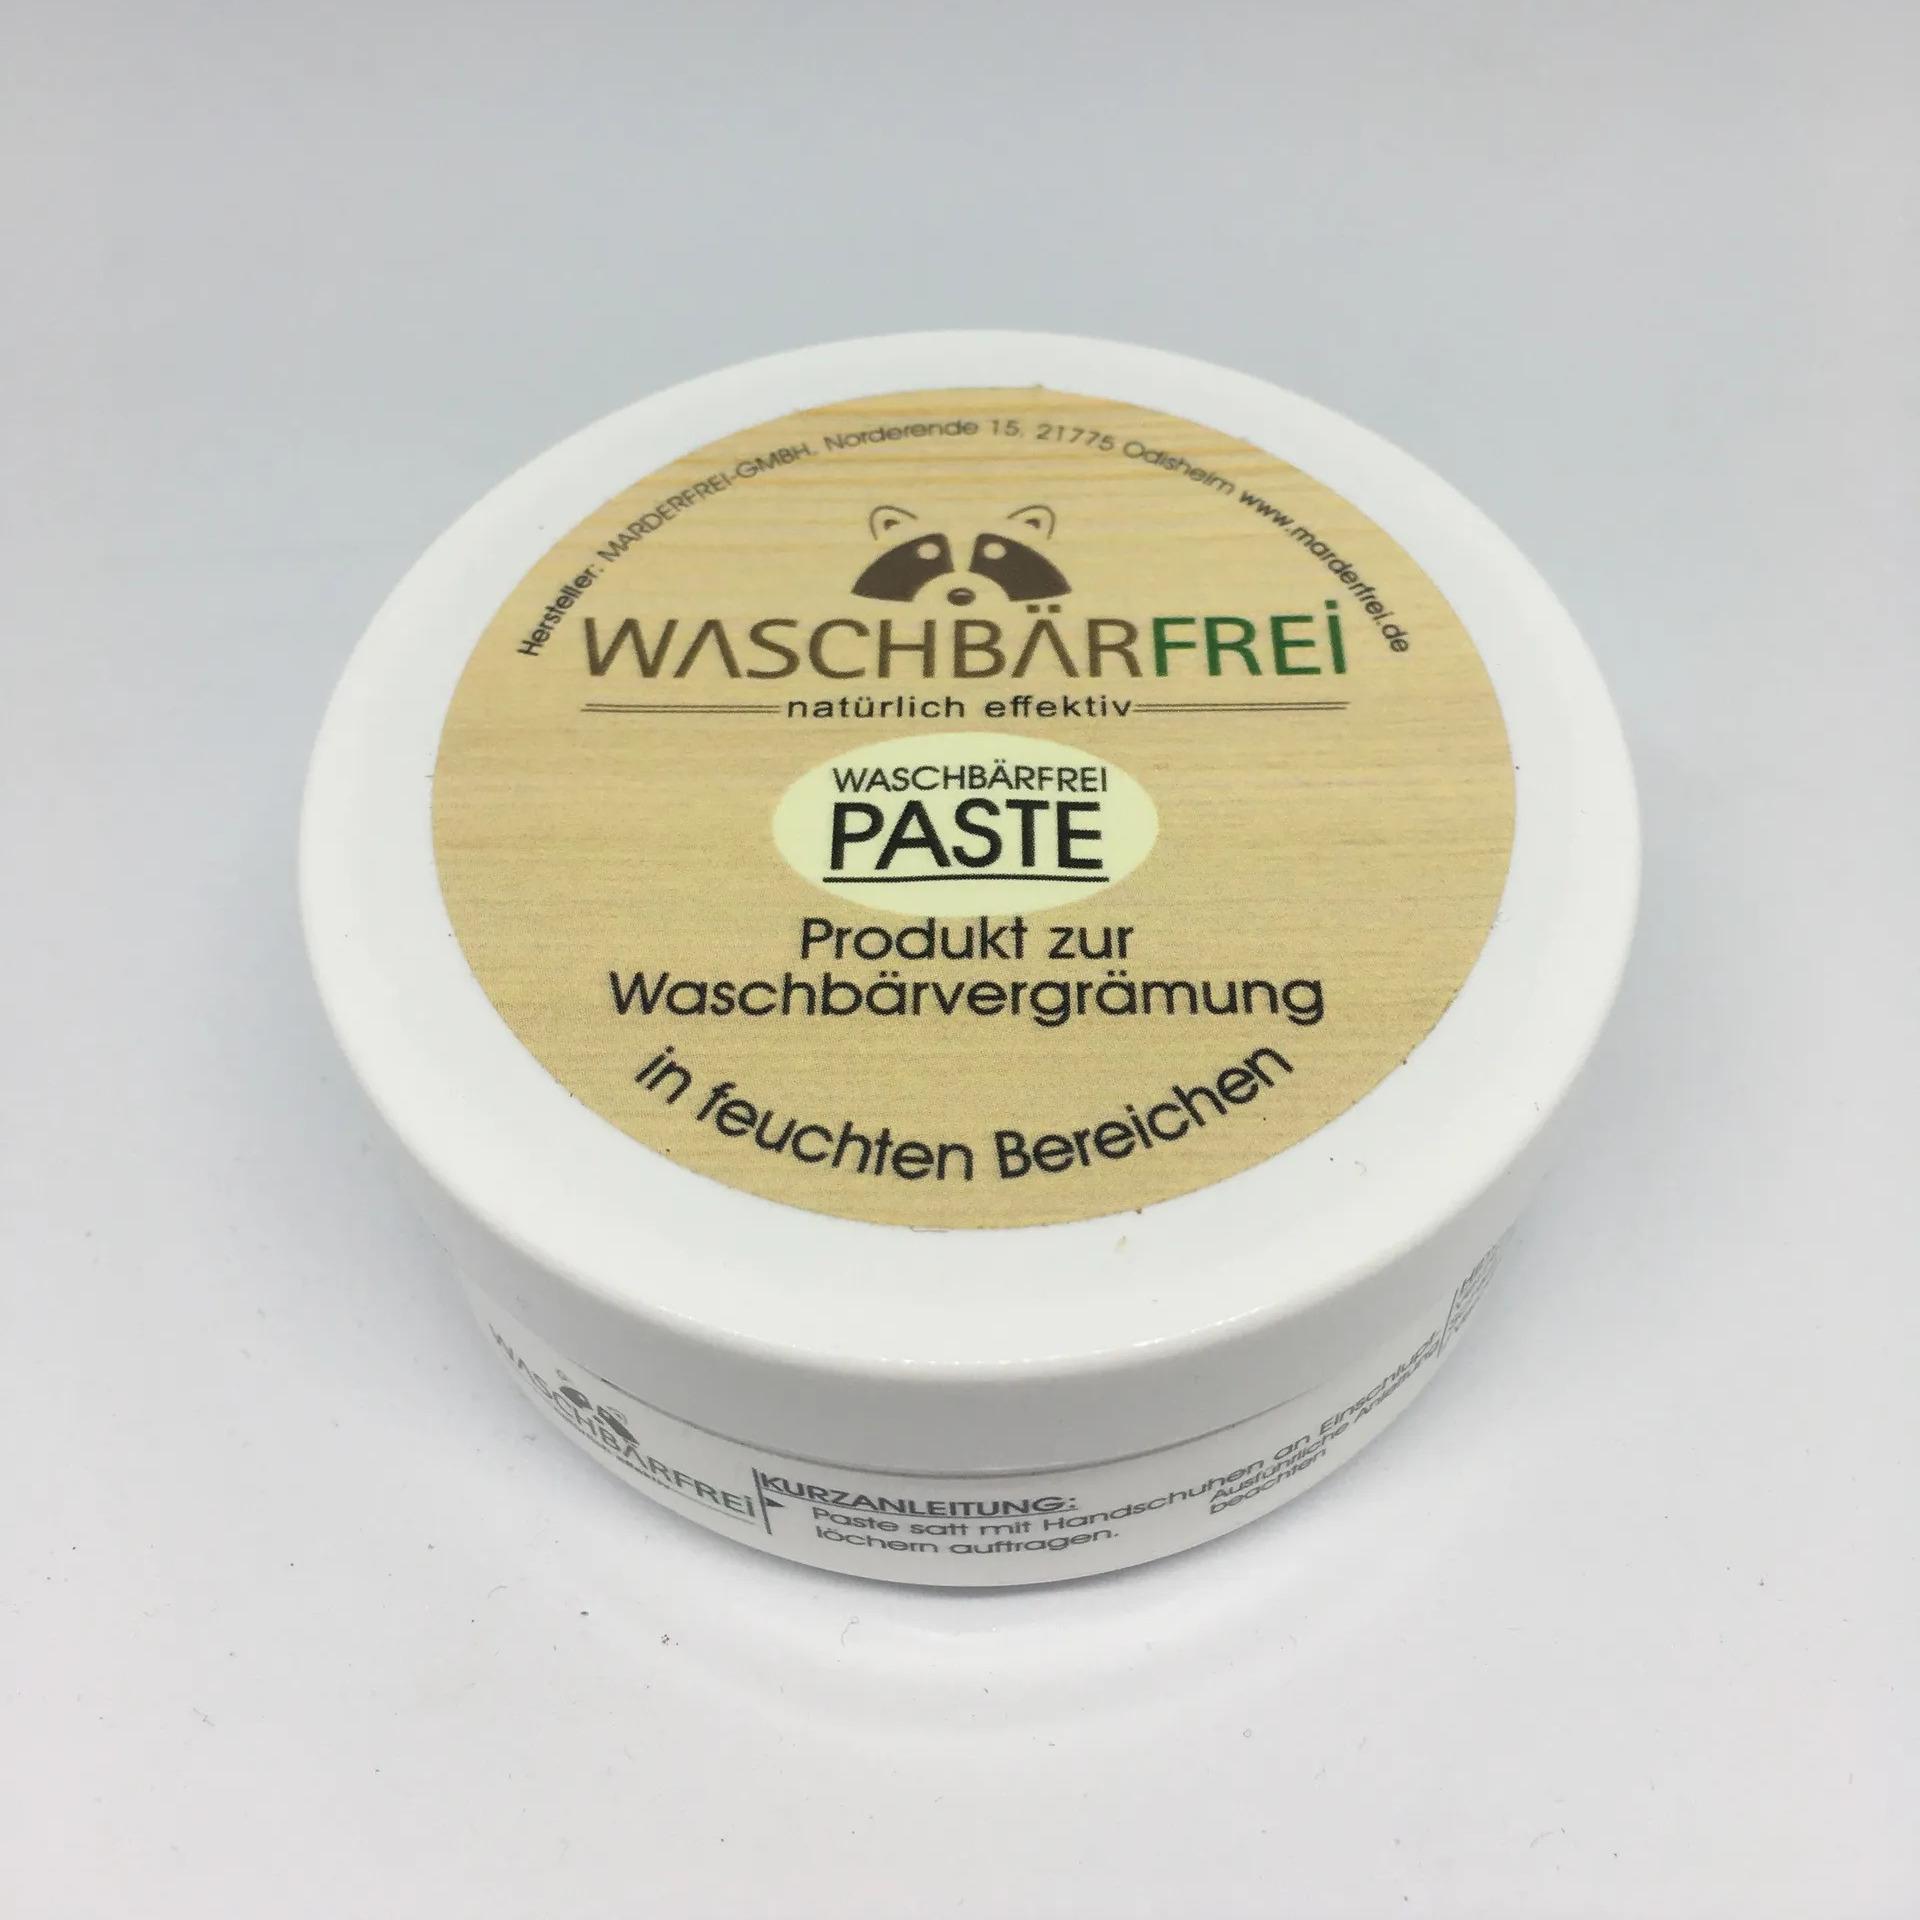 Waschbärfrei Paste